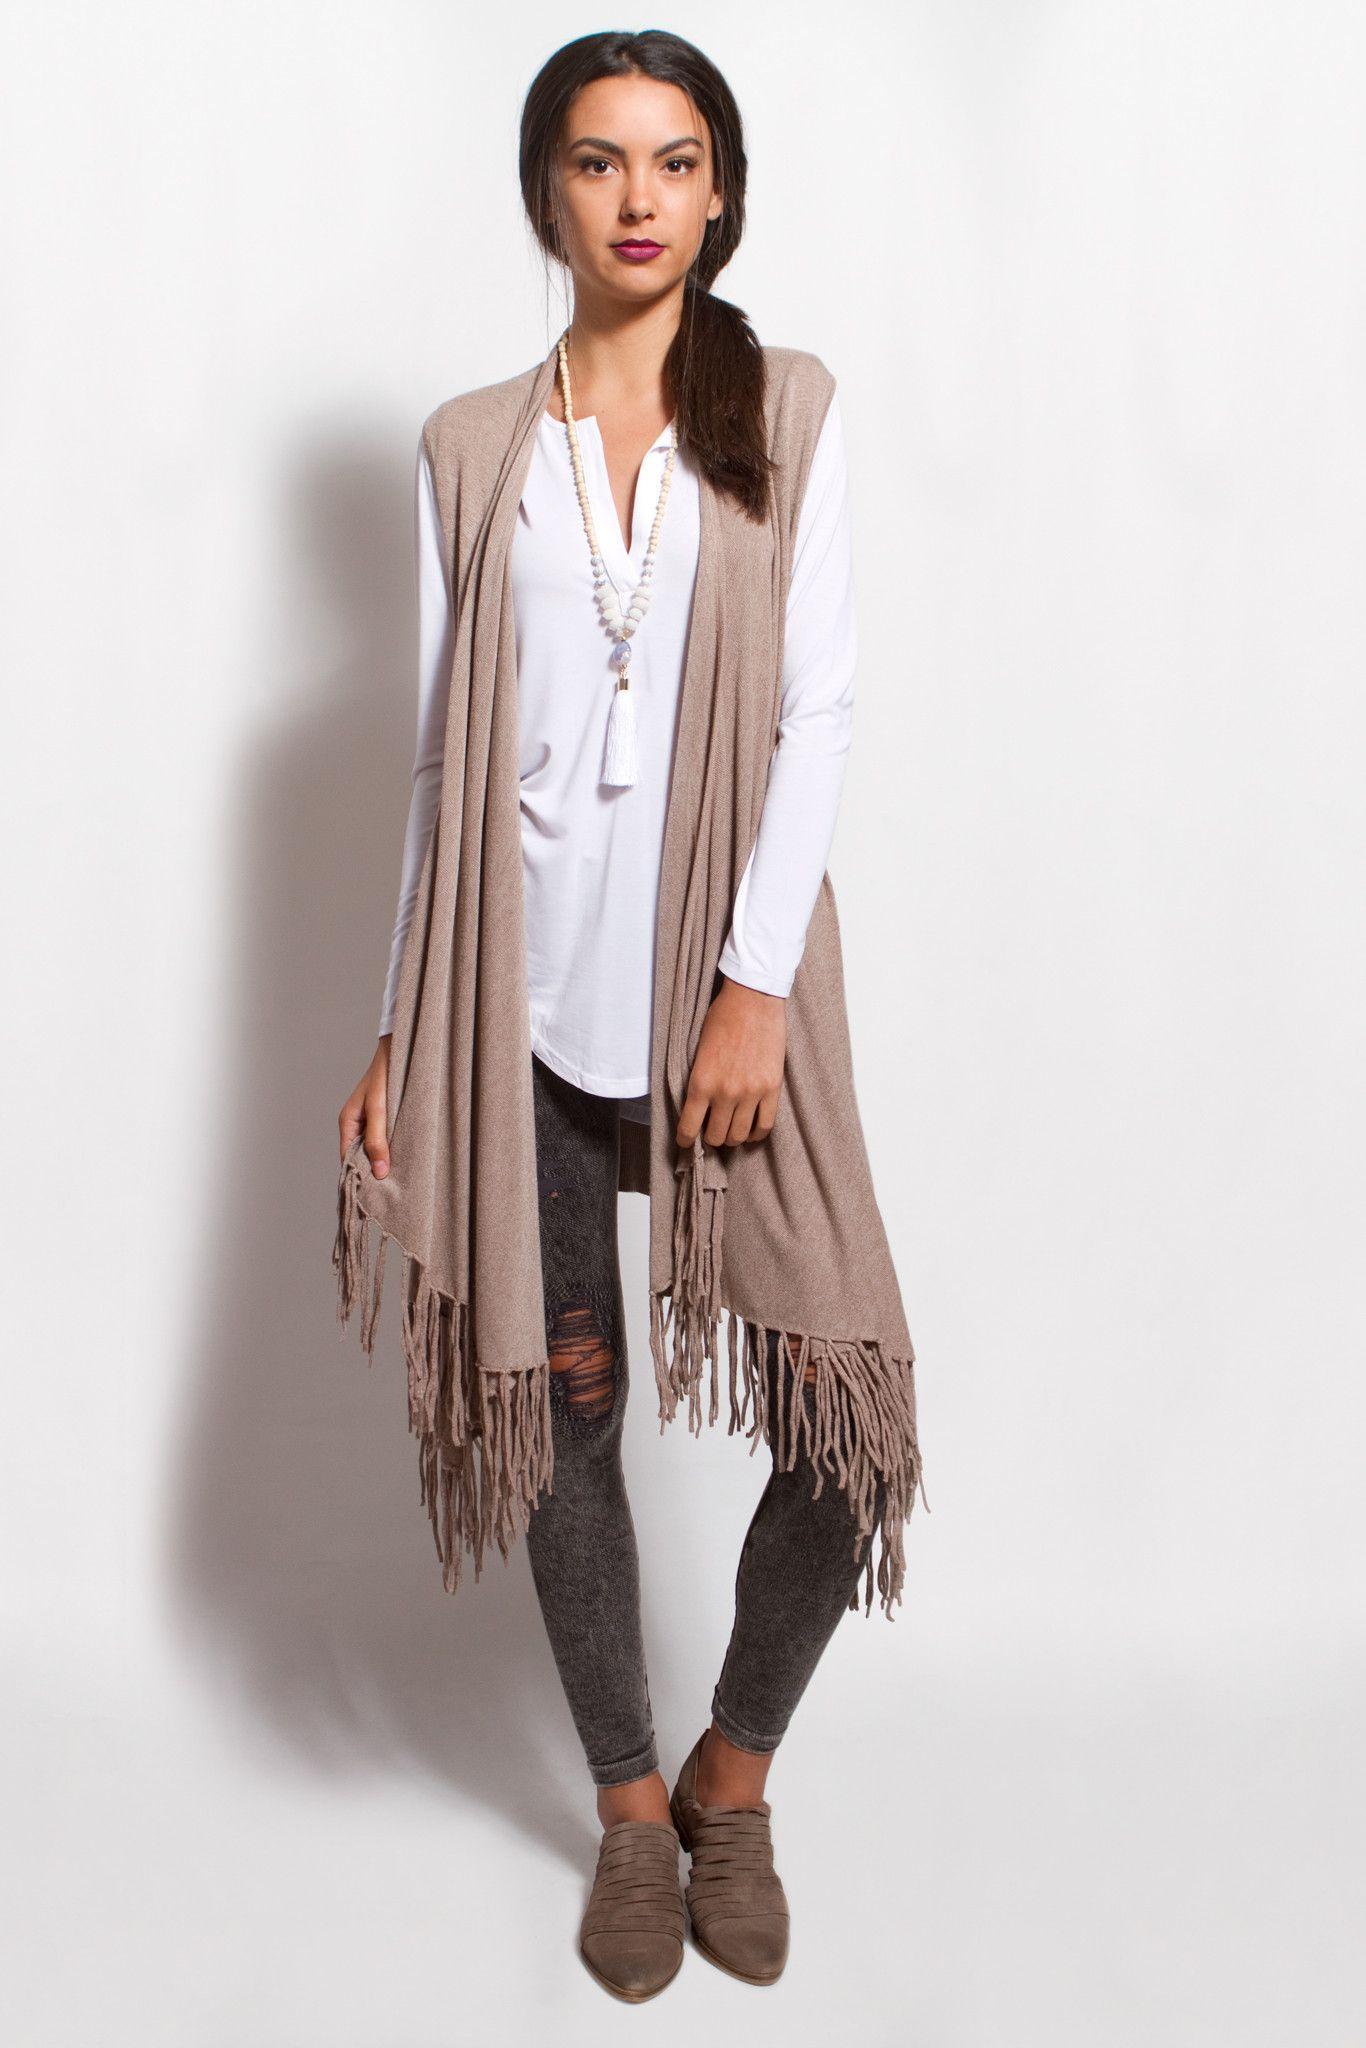 Sleeveless, shawl collar, knit sweater vest with fringe hem ...